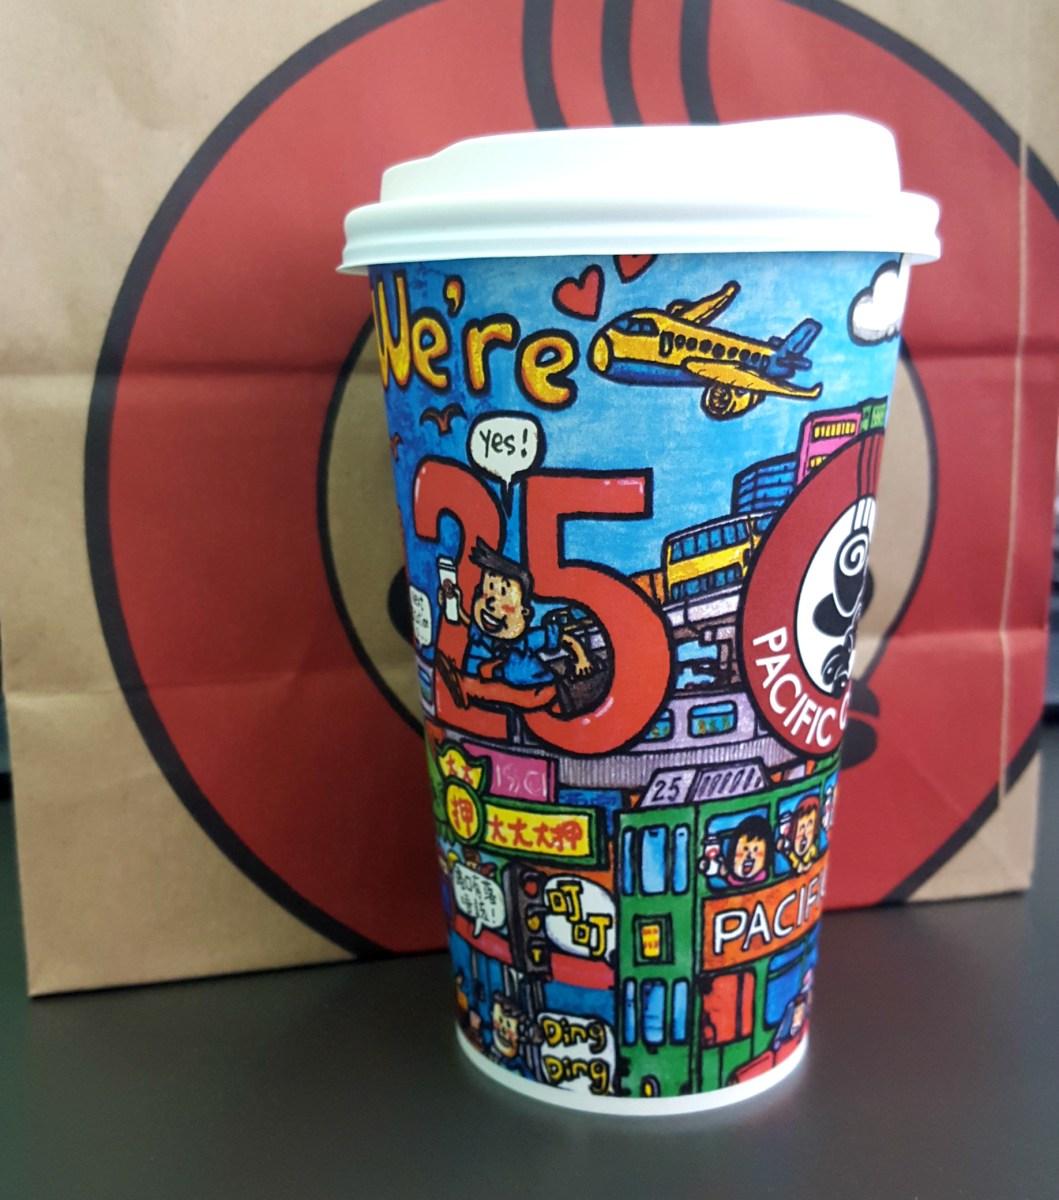 Pacific Coffee 25週年 買一送一! 只限今天   LamaCity.com